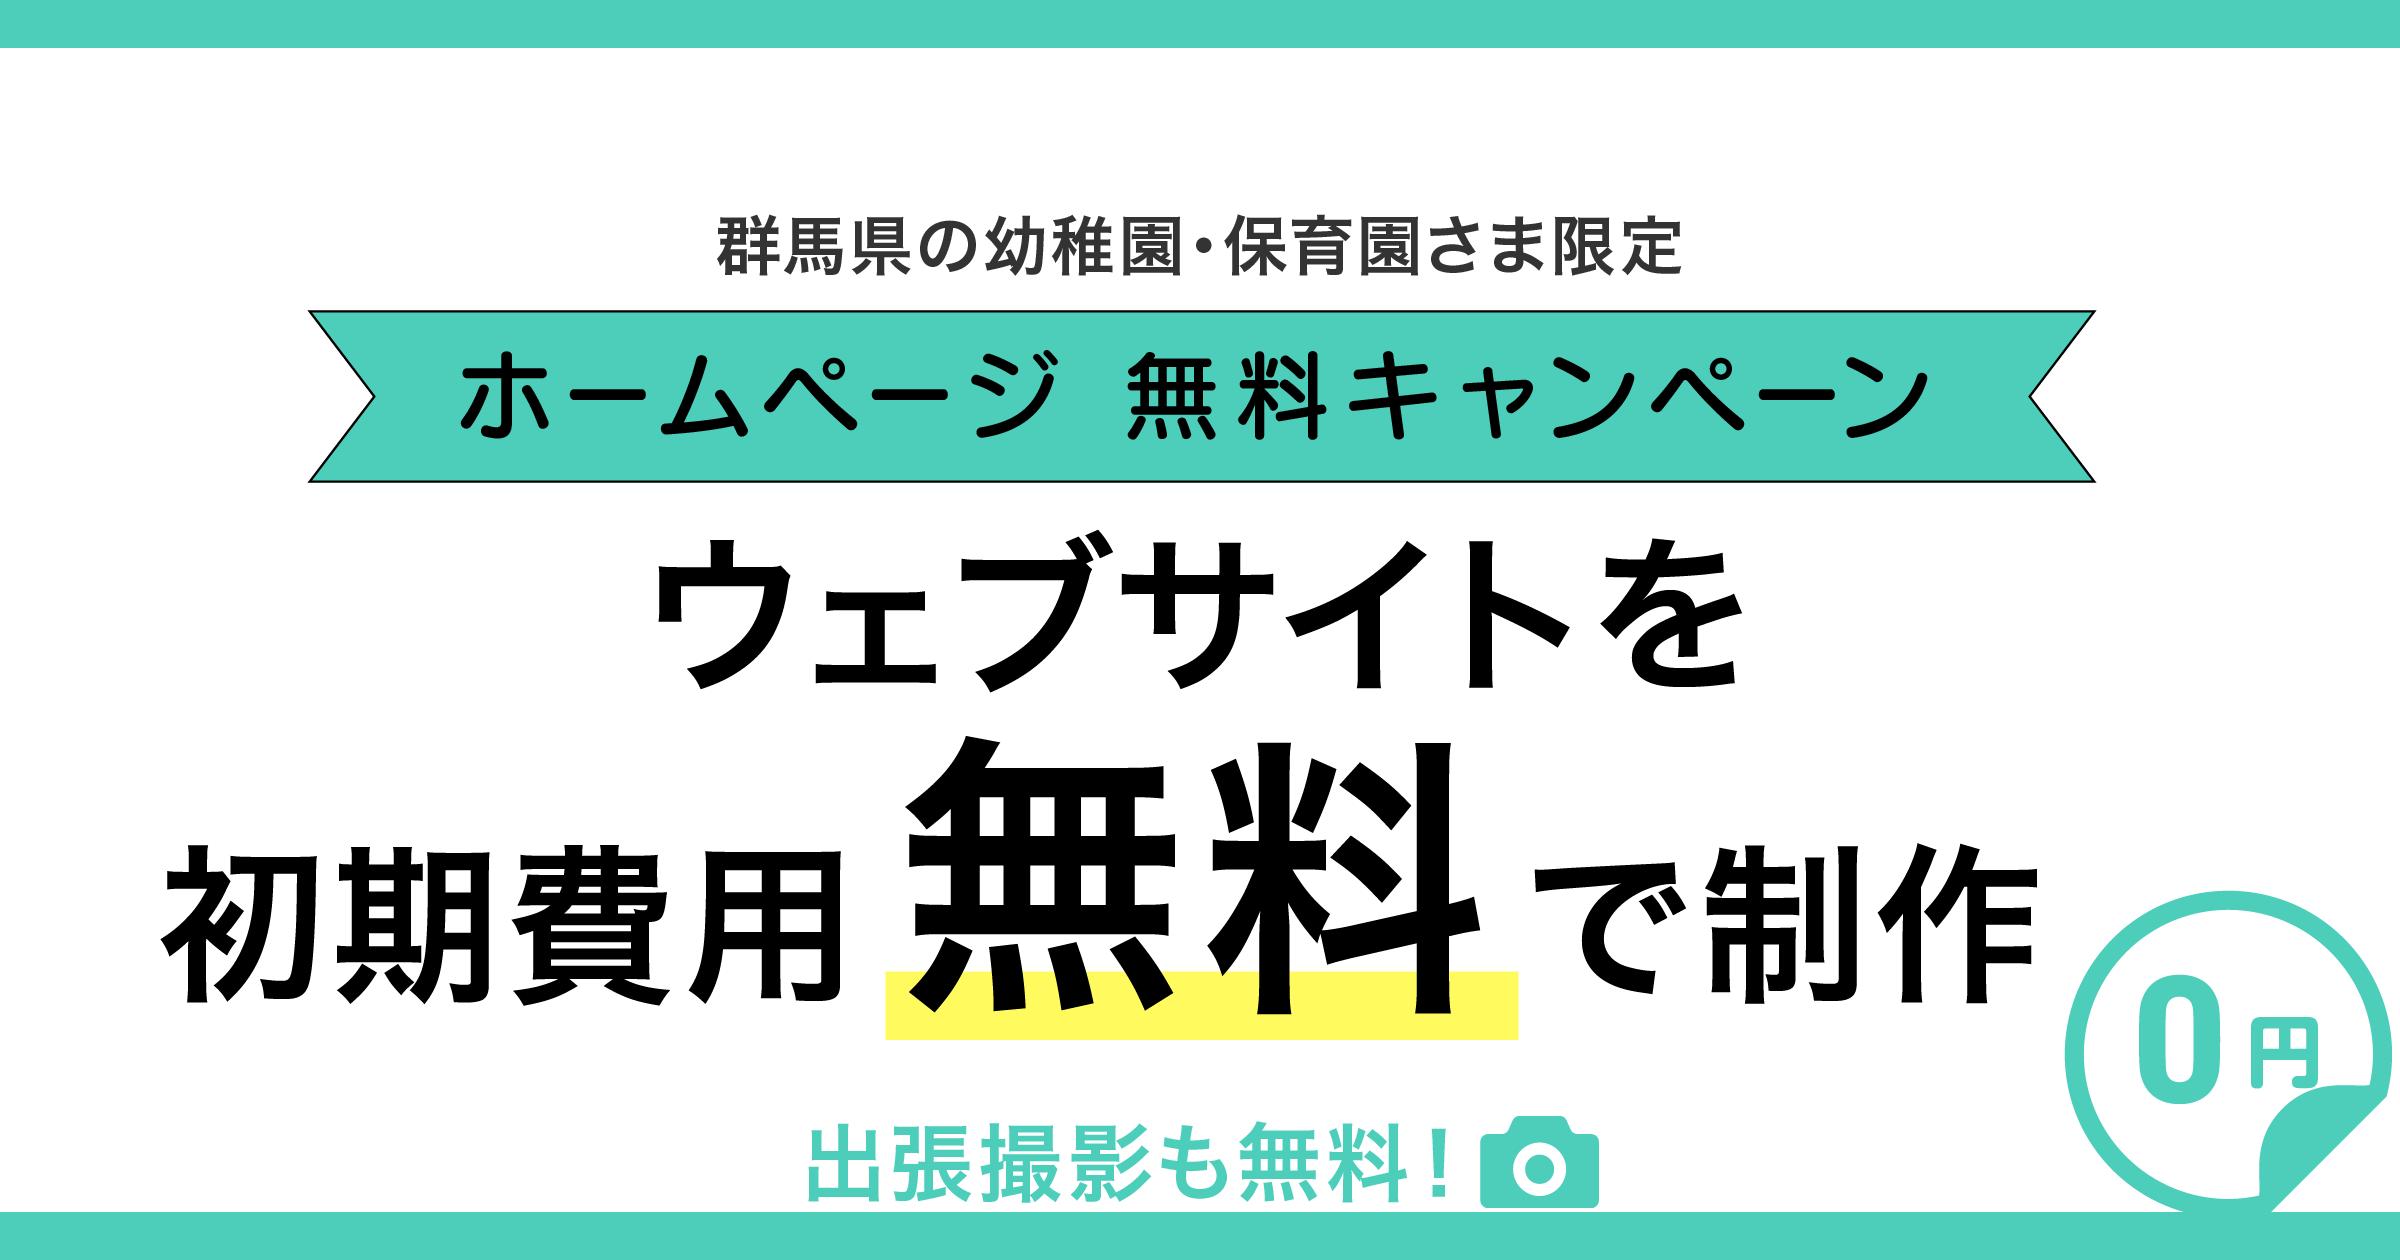 【群馬の幼稚園・保育園さま限定】『サイト初期構築費 0円キャンペーン』